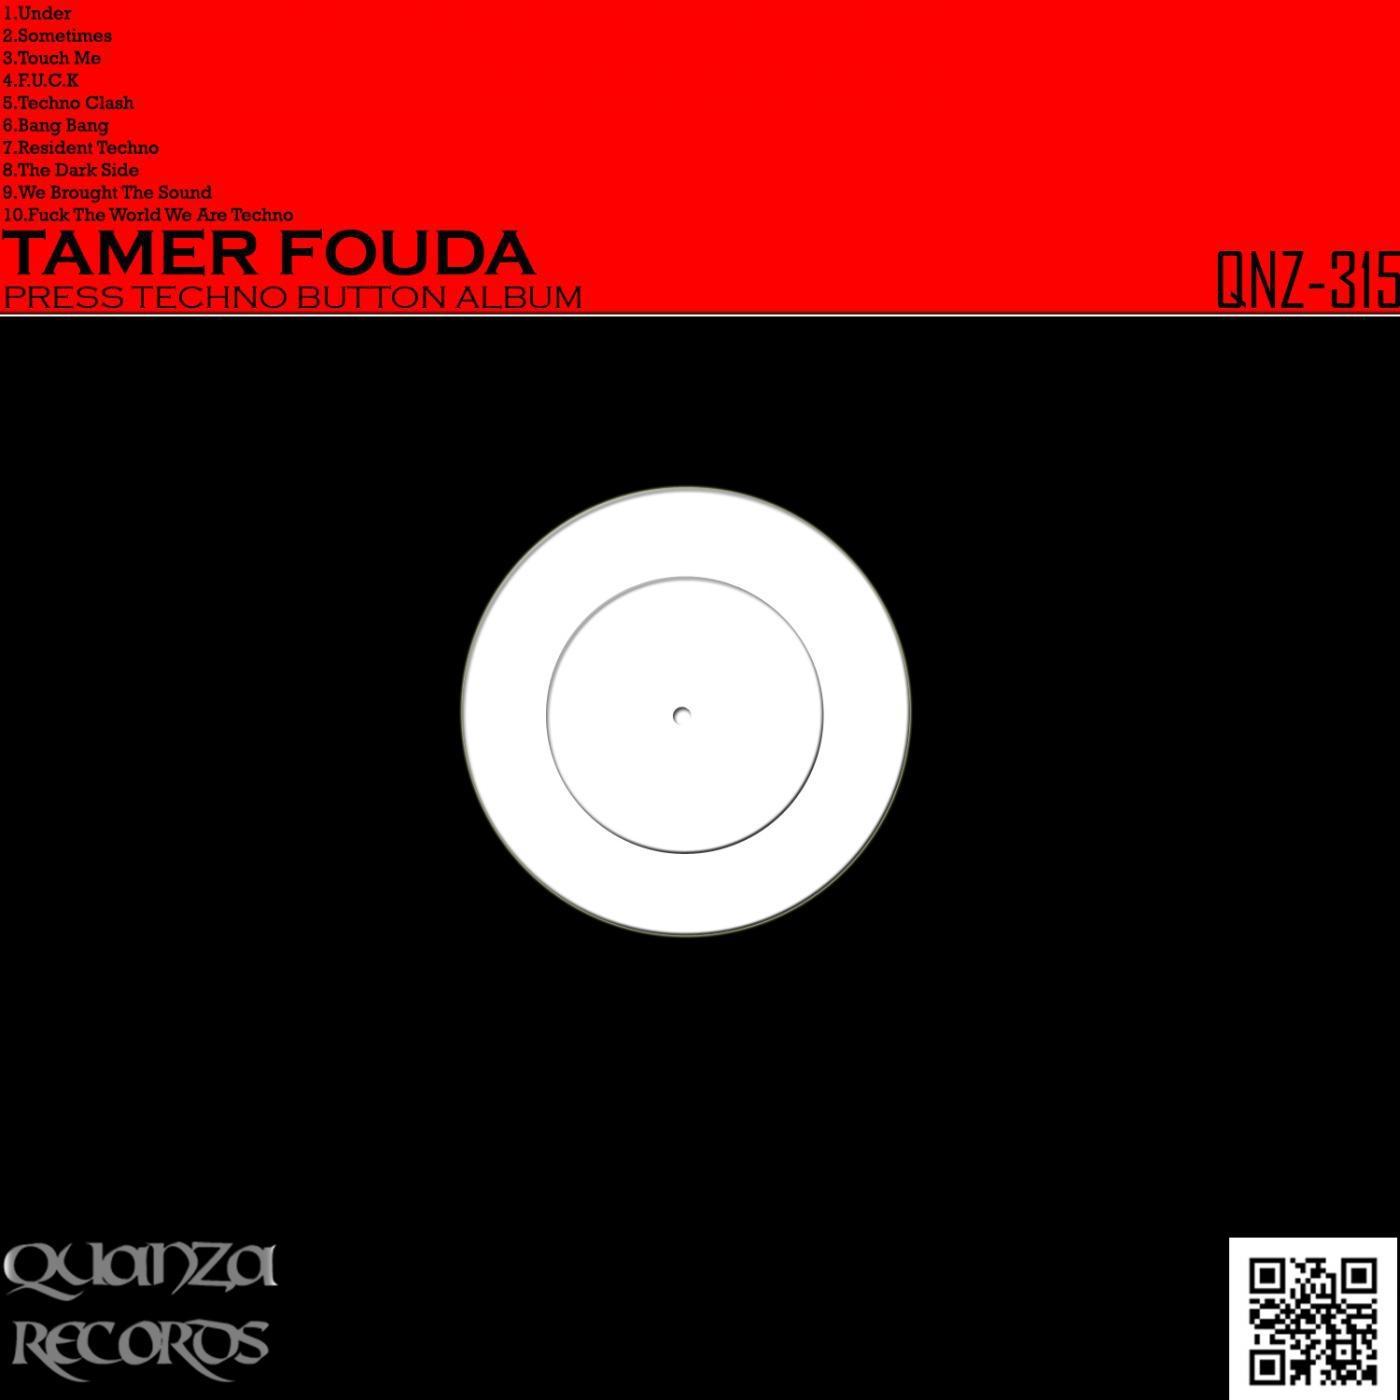 Tamer Fouda - Resident Techno (Original Mix)